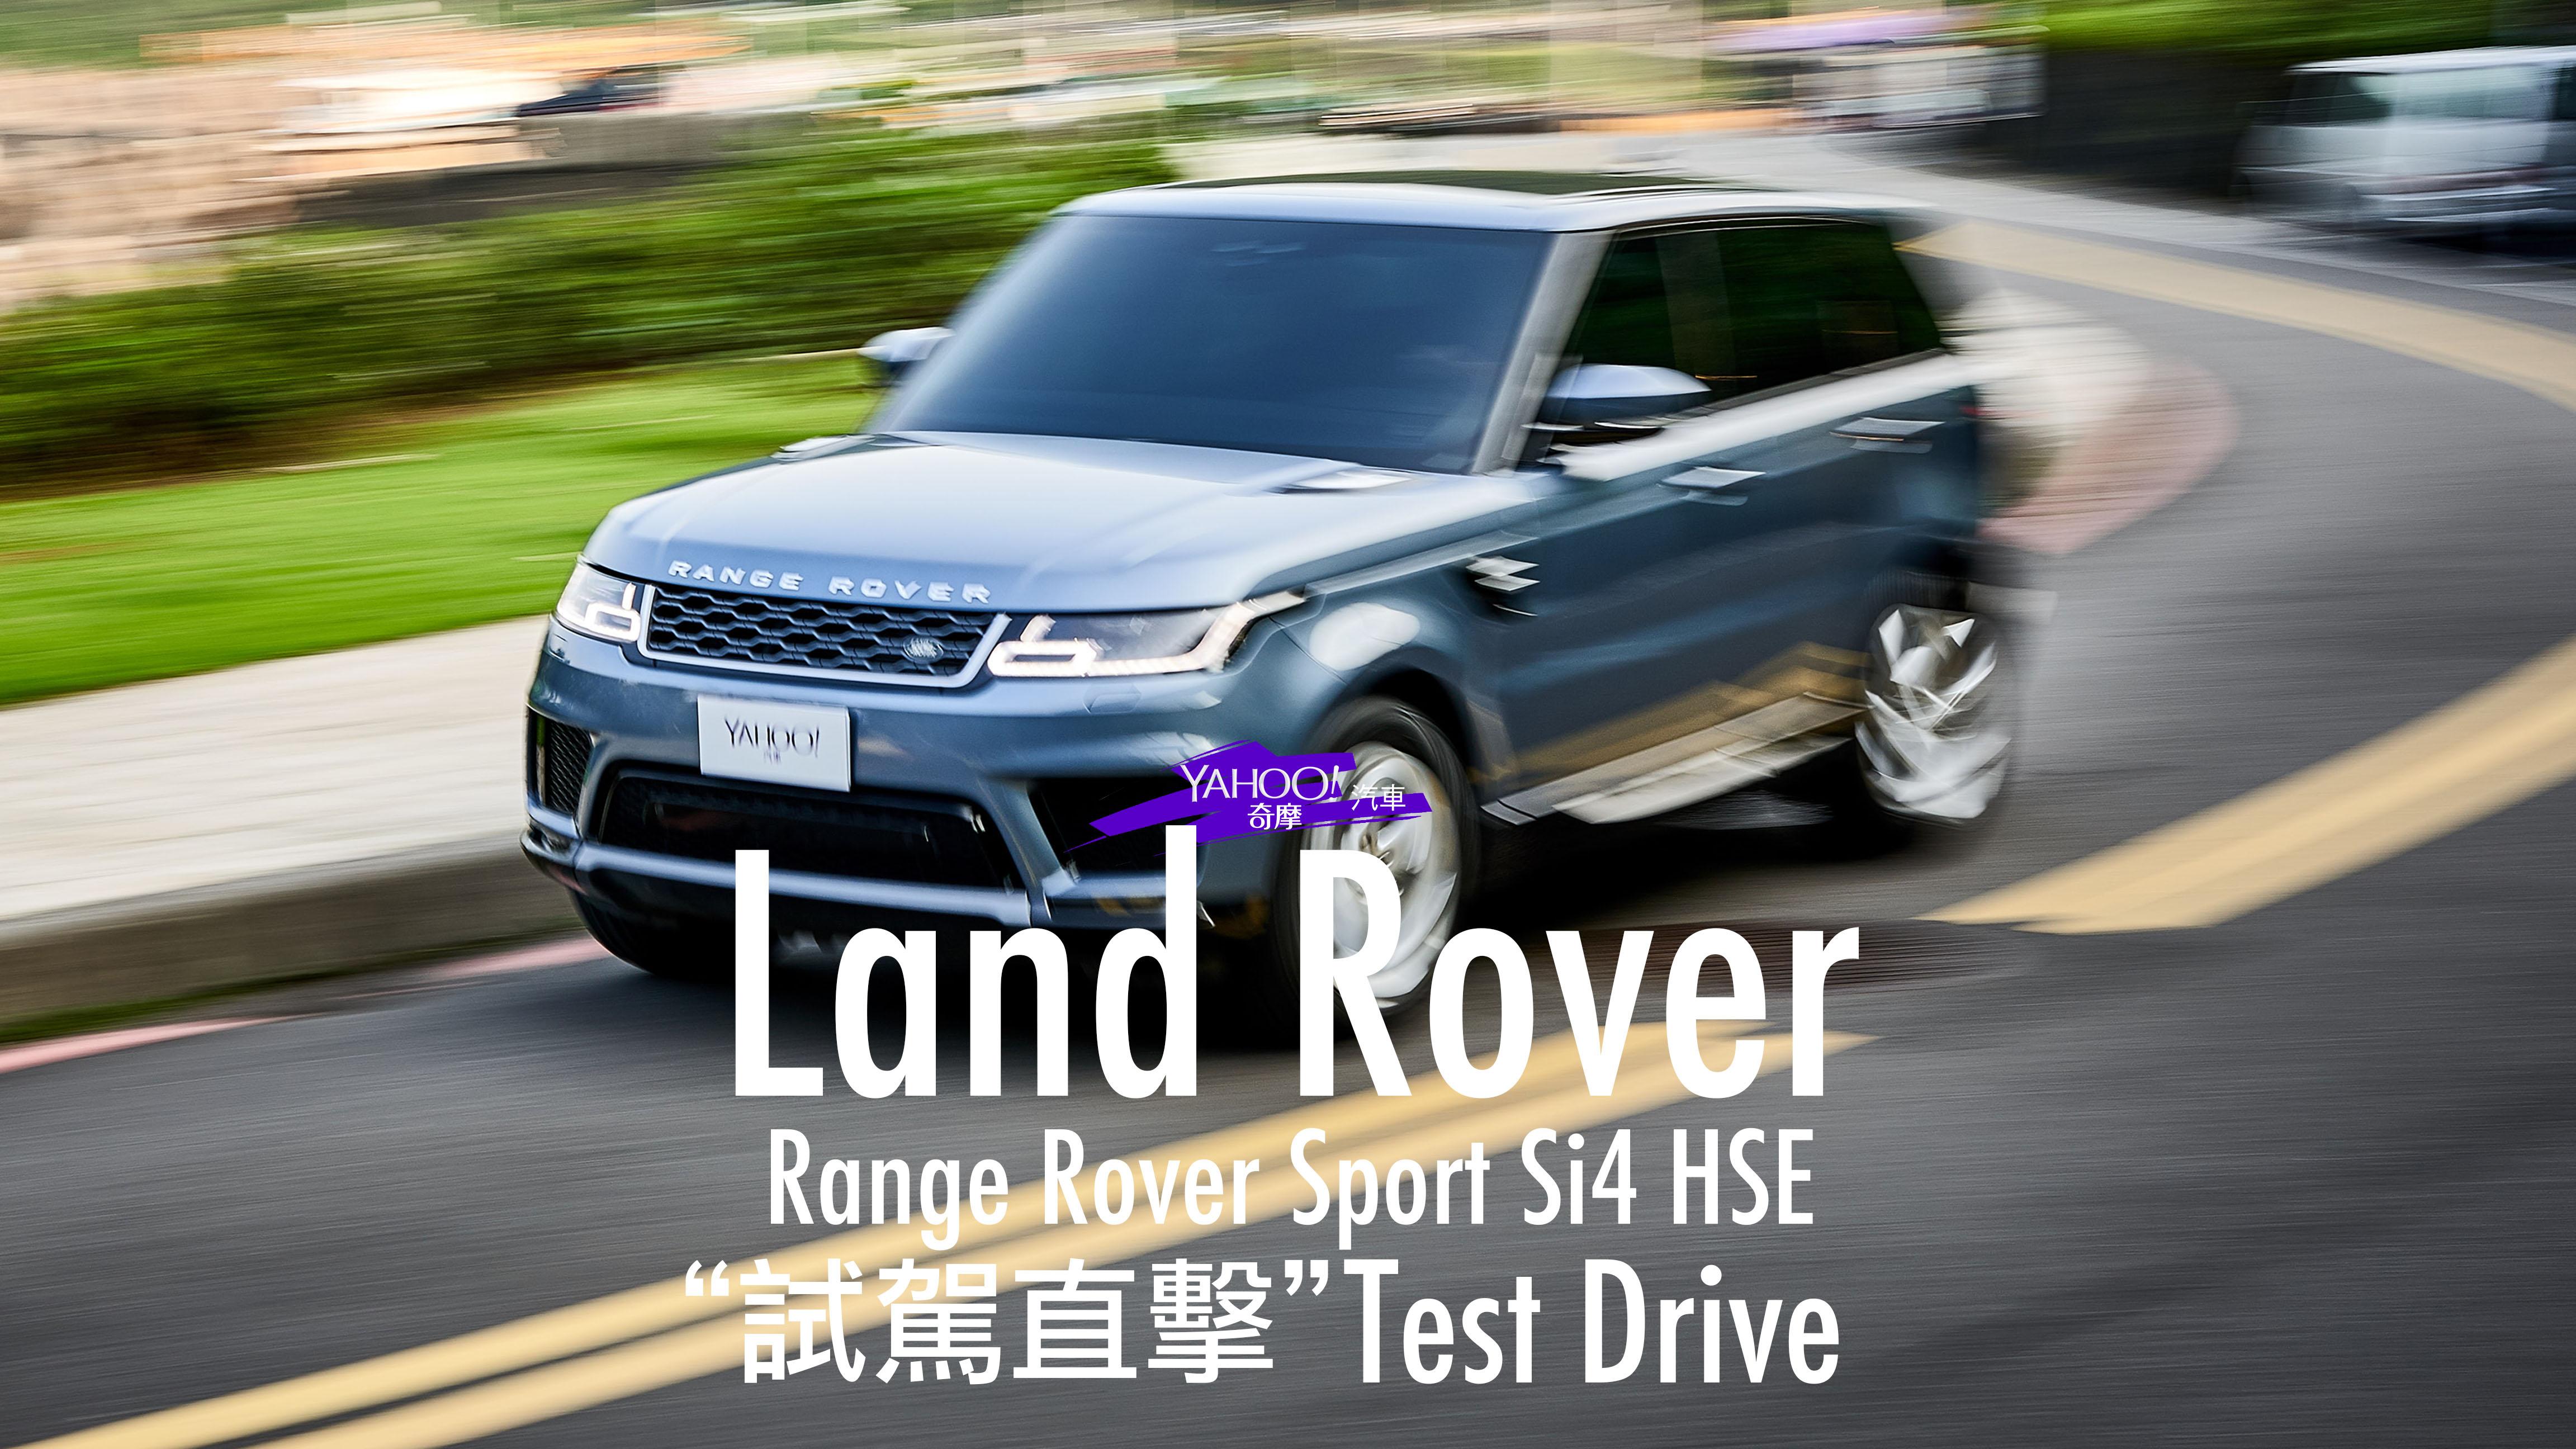 【試駕直擊】輕騎出征!Land Rover Range Rover Sport Si4 HSE海灣試駕